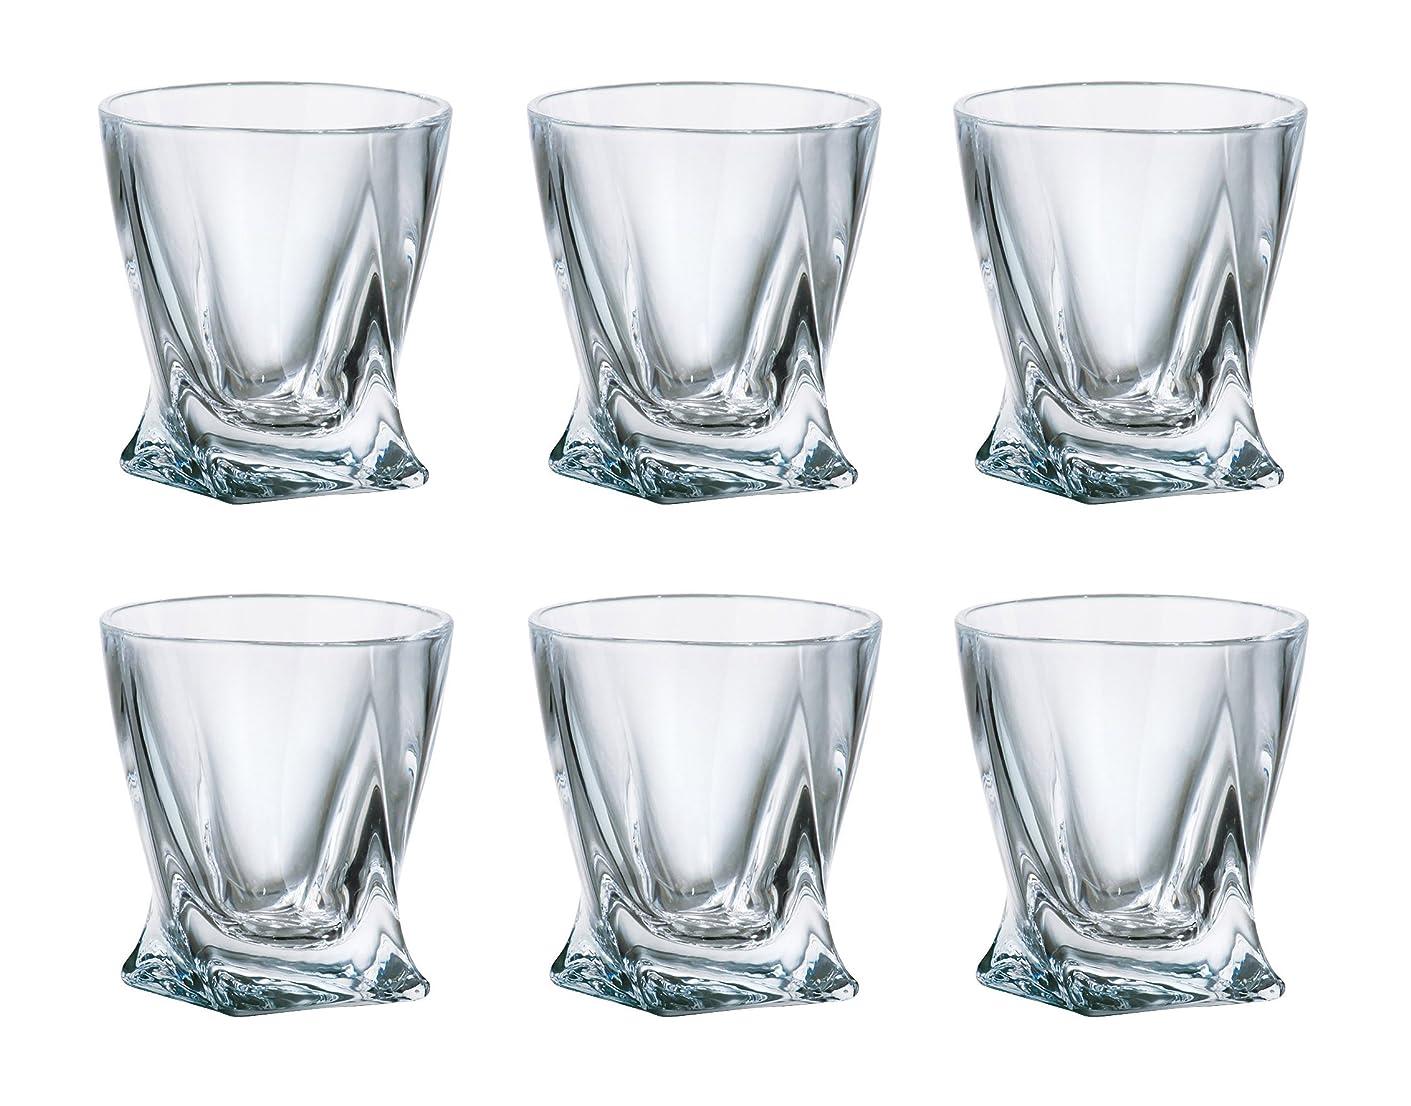 ハウジング時計記念碑的な( Set of 6?) Crystalex Bohemia Quadro、2-ounceボヘミアンクリスタルガラスショットグラス